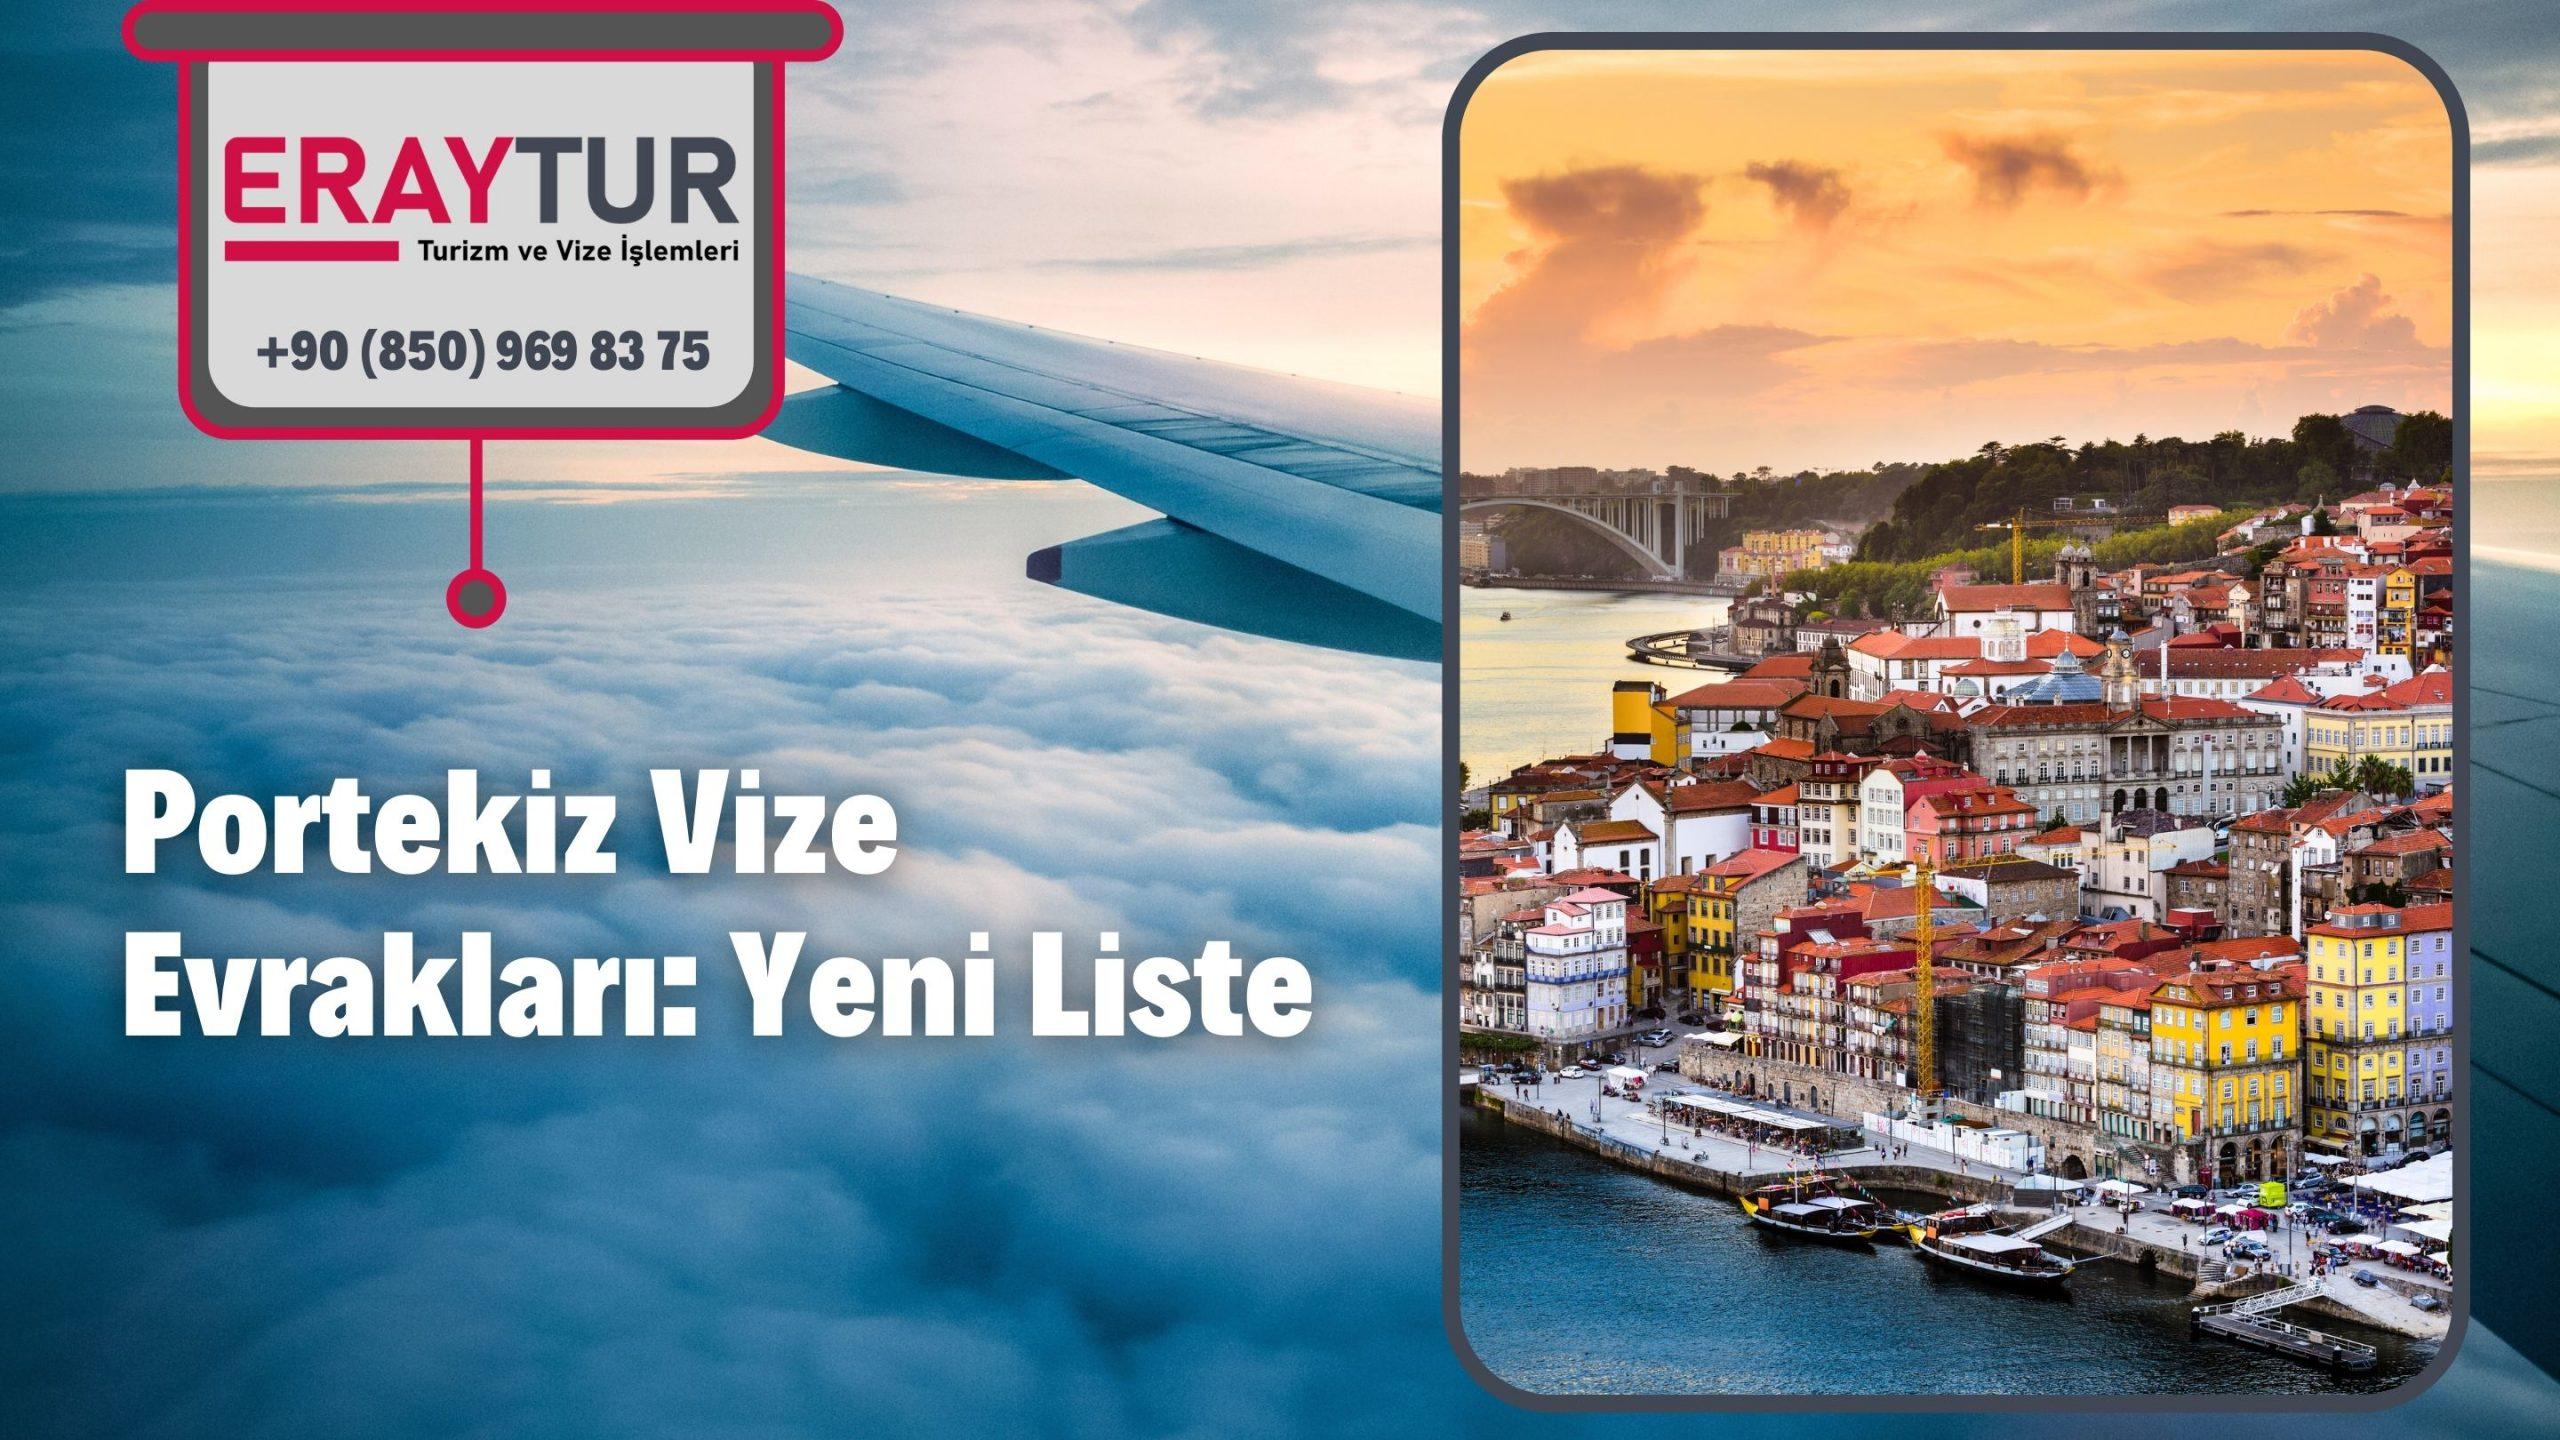 Portekiz Vize Evrakları: Yeni Liste [2021]